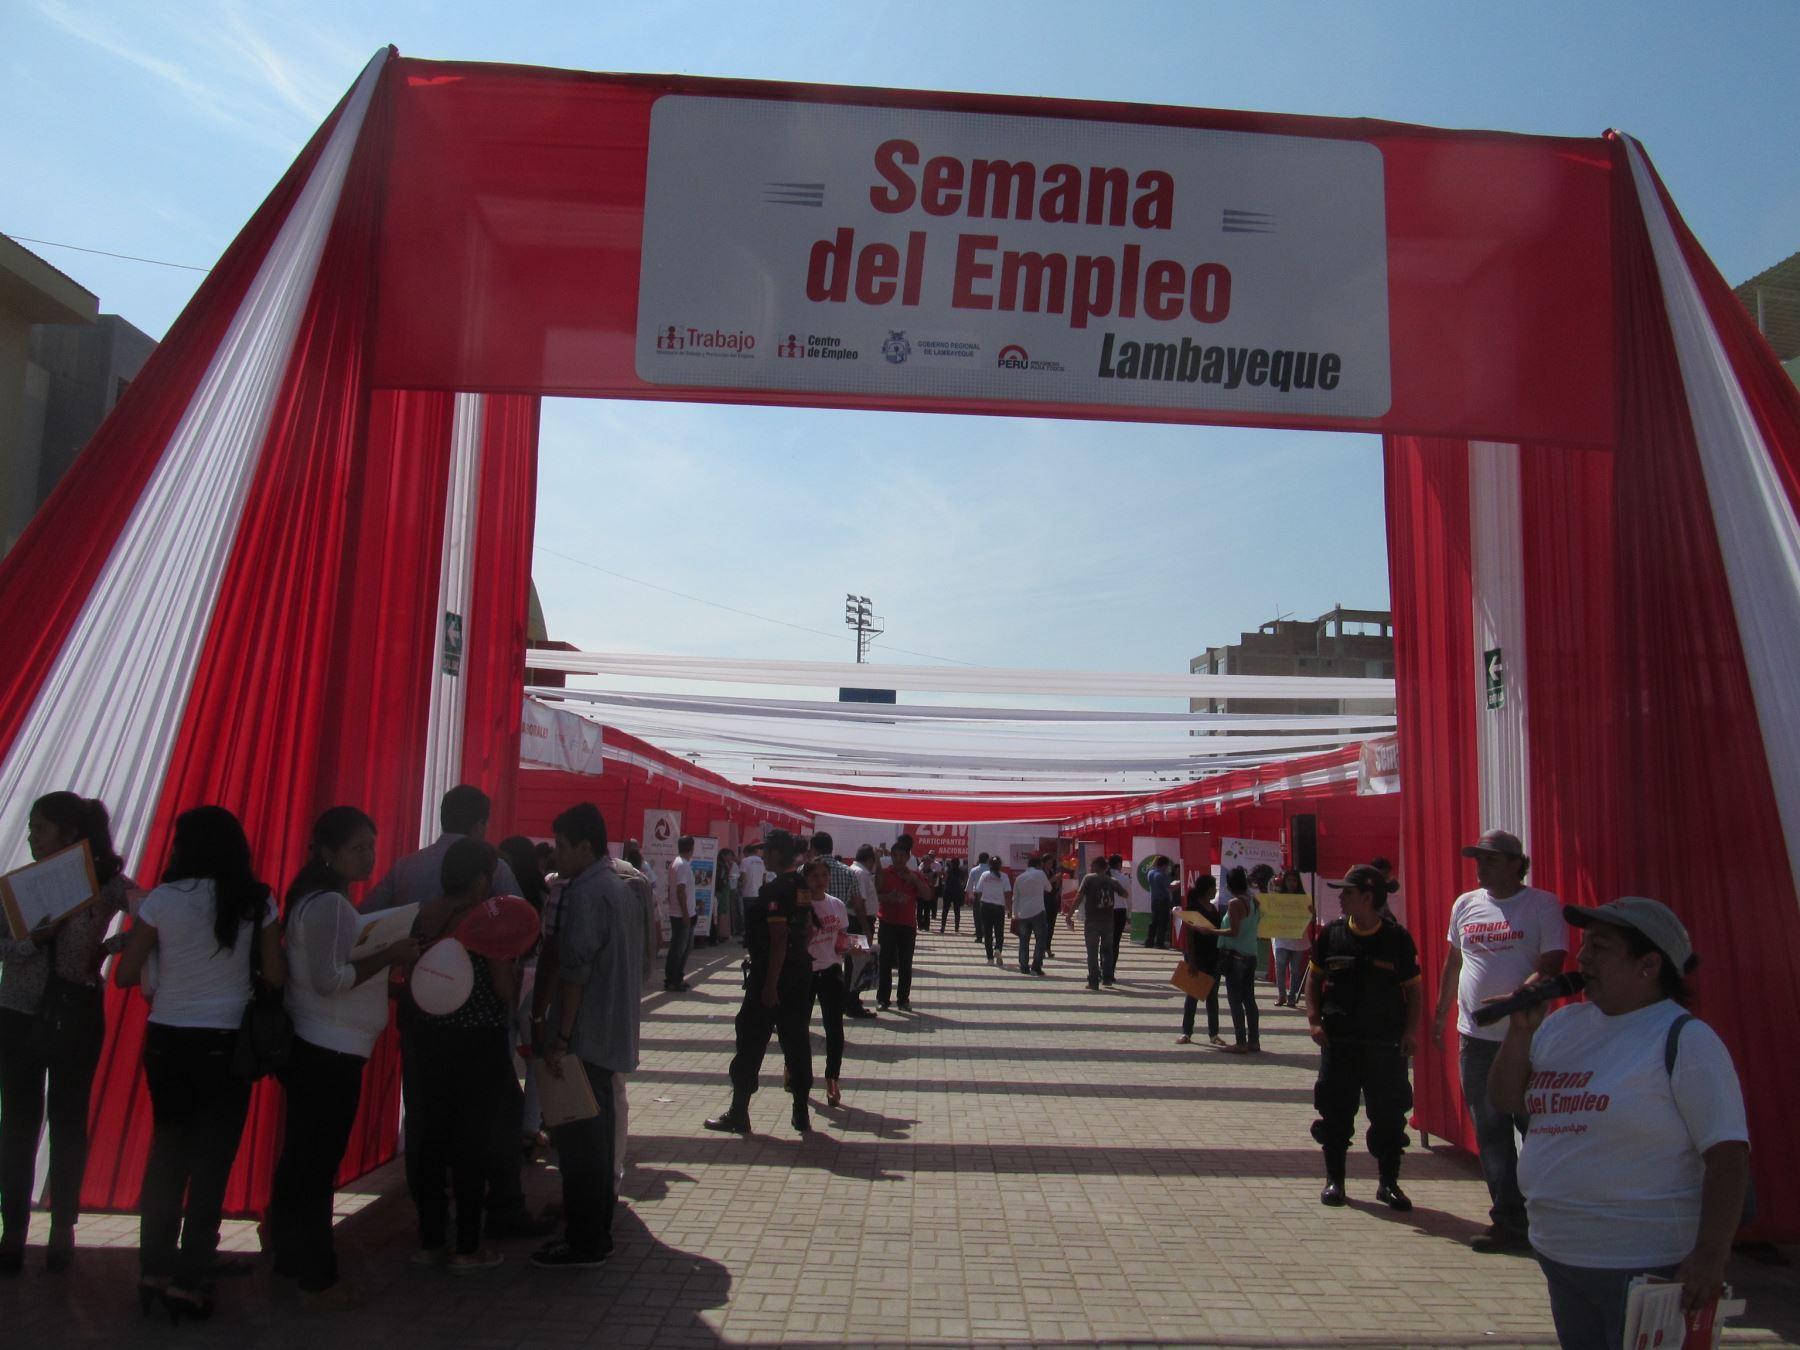 Este 2015 tienen programado efectuar dos ferias laborales descentralizadas en Lambayeque y Ferreñafe